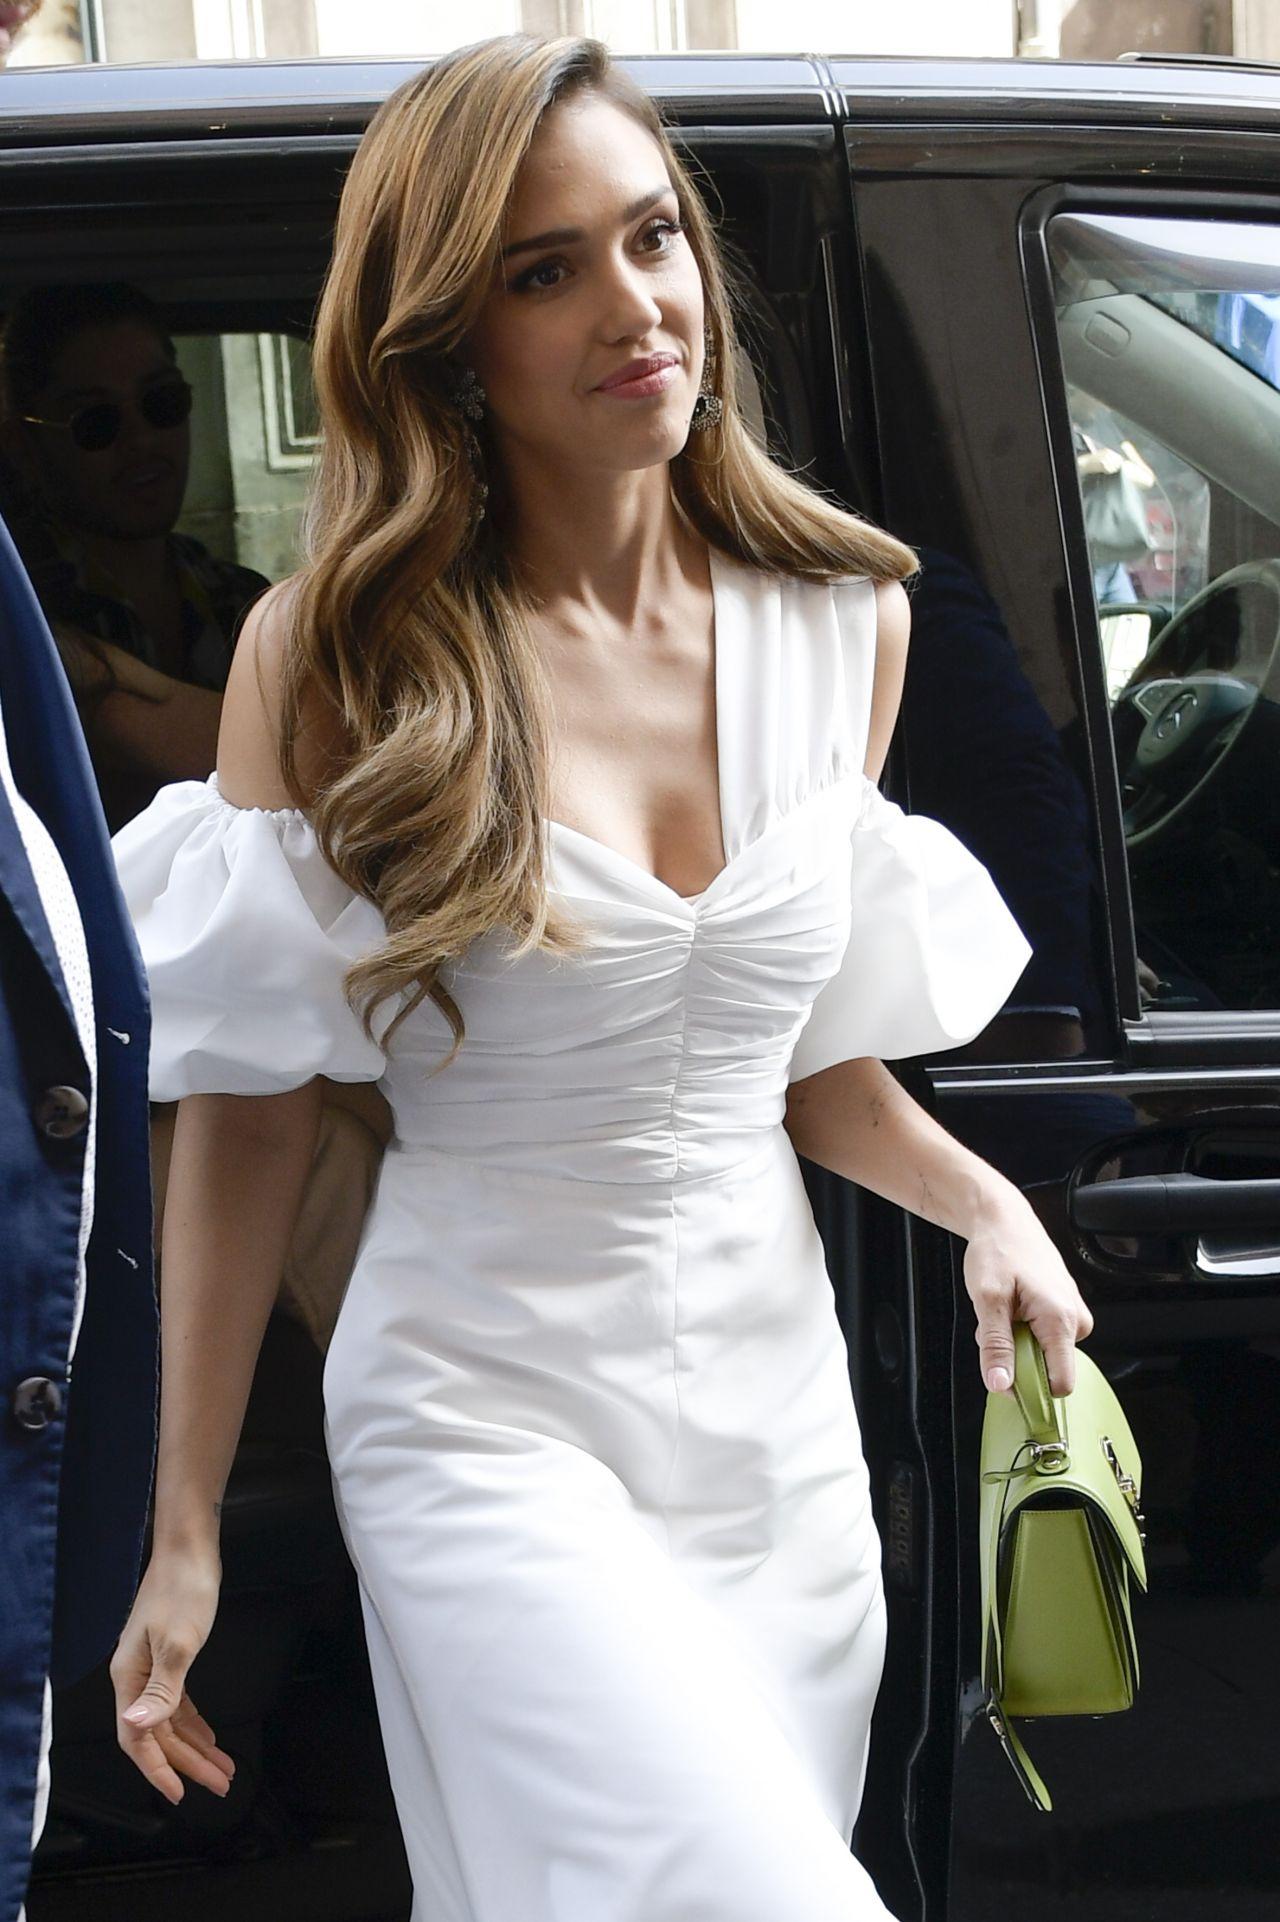 Jessica Alba In White Rome 06 22 2019